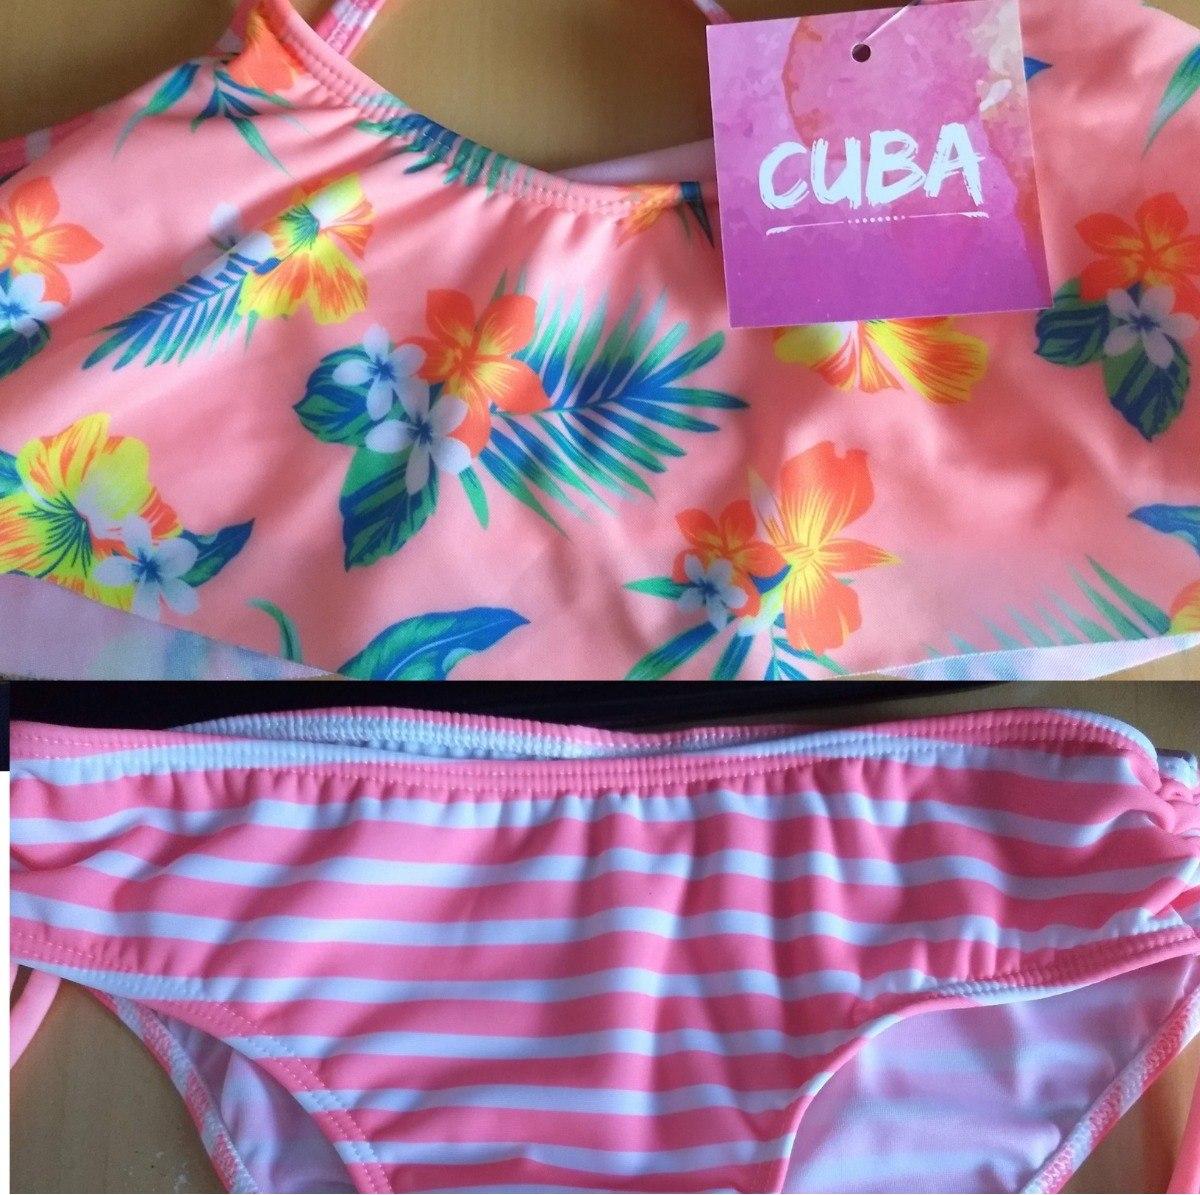 2c61316fd Malla Bikini Nena Voladón Estampado Cuba 6201 -   465